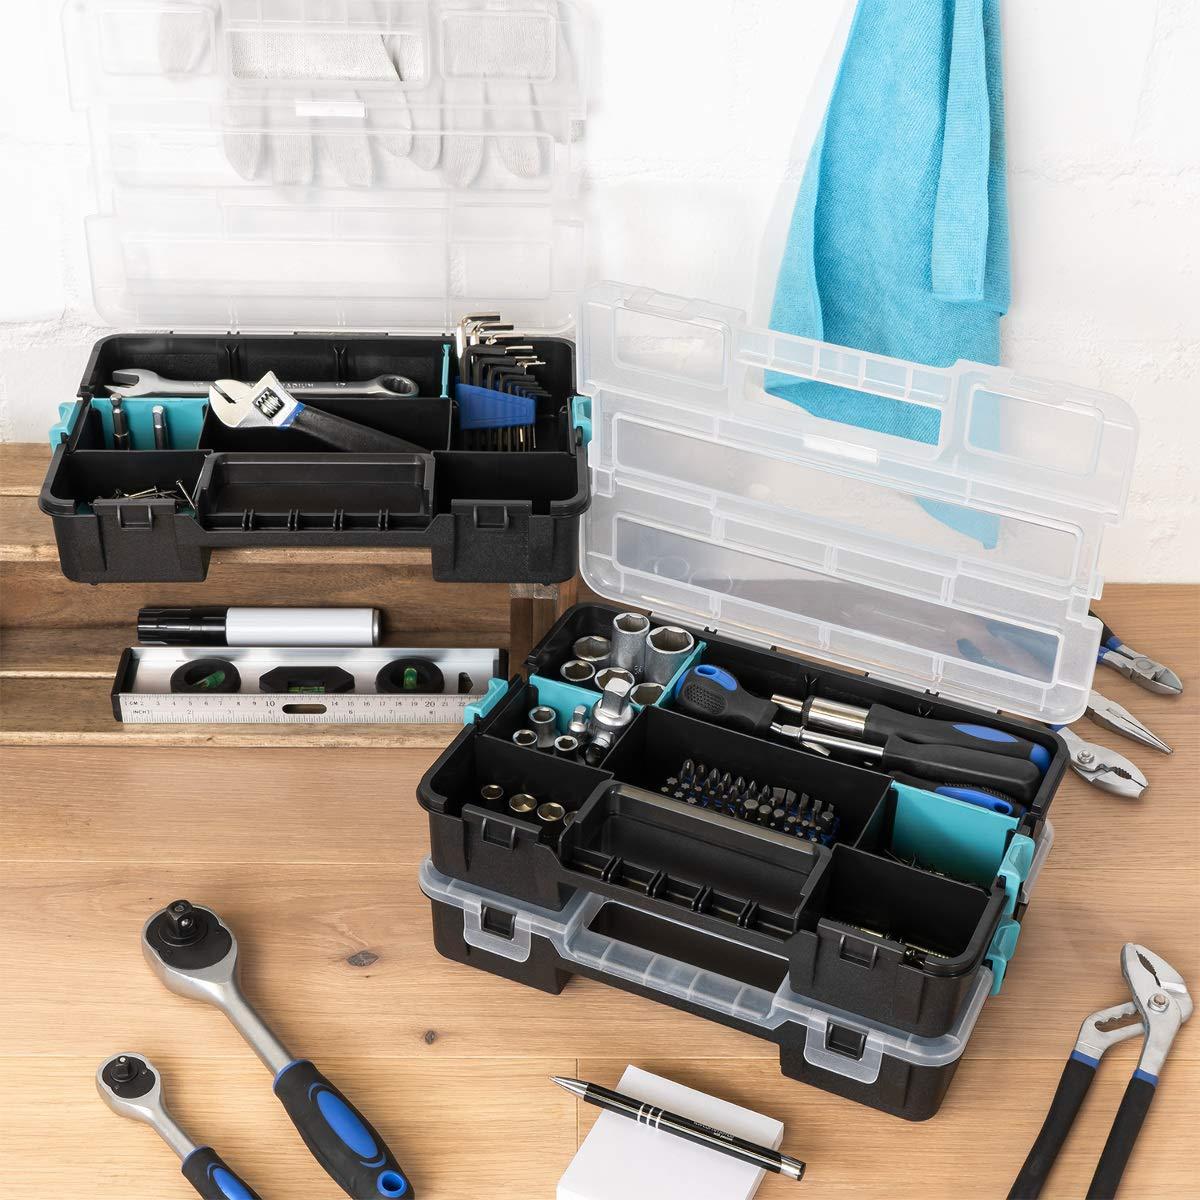 Verstellbare F/ächer Schrauben Sortimentskasten Box leer ohne Zubeh/ör Navaris Kleinteile Organizer Sortierkasten dreist/öckig 31,5x22,5x19,8cm